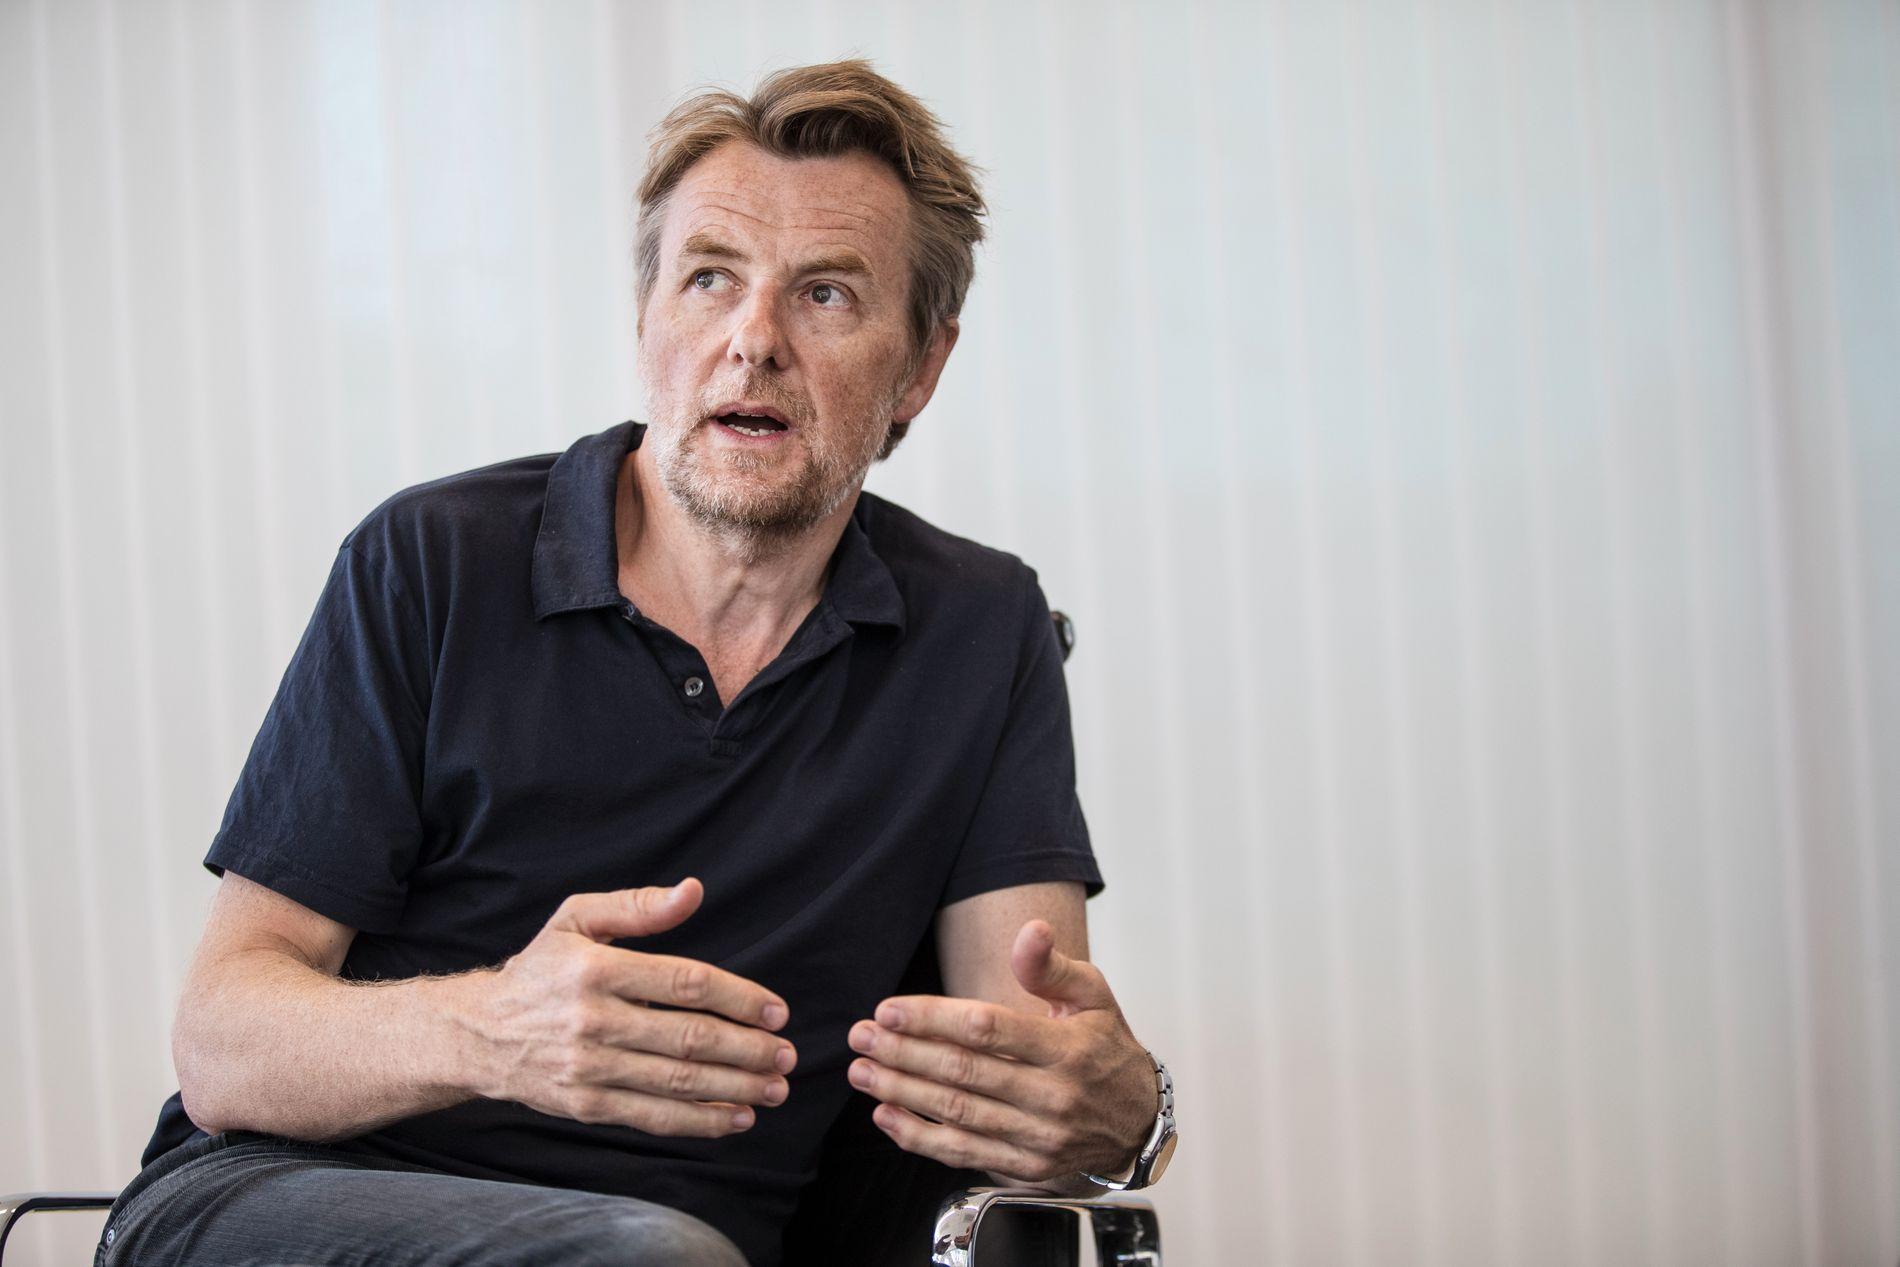 BYTTER KANAL: Fredrik Skavlan er fra i høst TV 2-programleder, etter 20 år som talkshowvert i NRK.